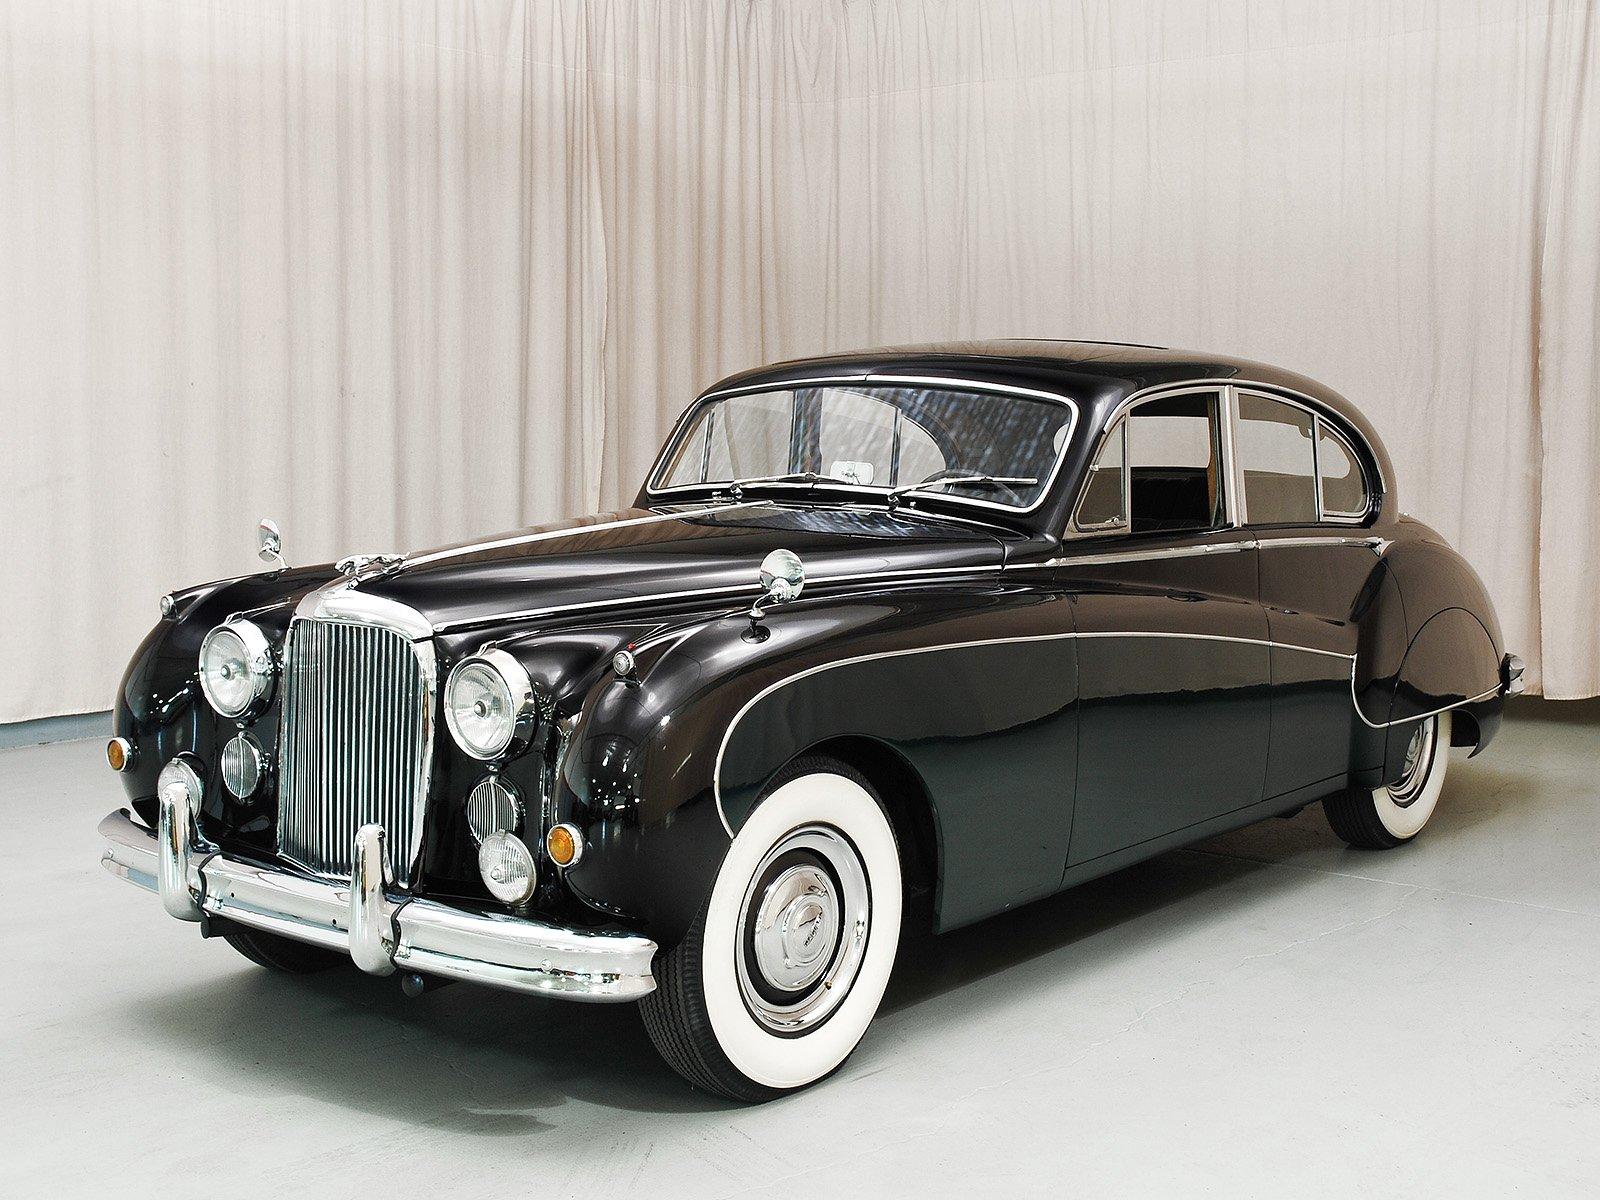 1957 Jaguar MK8 Four Door